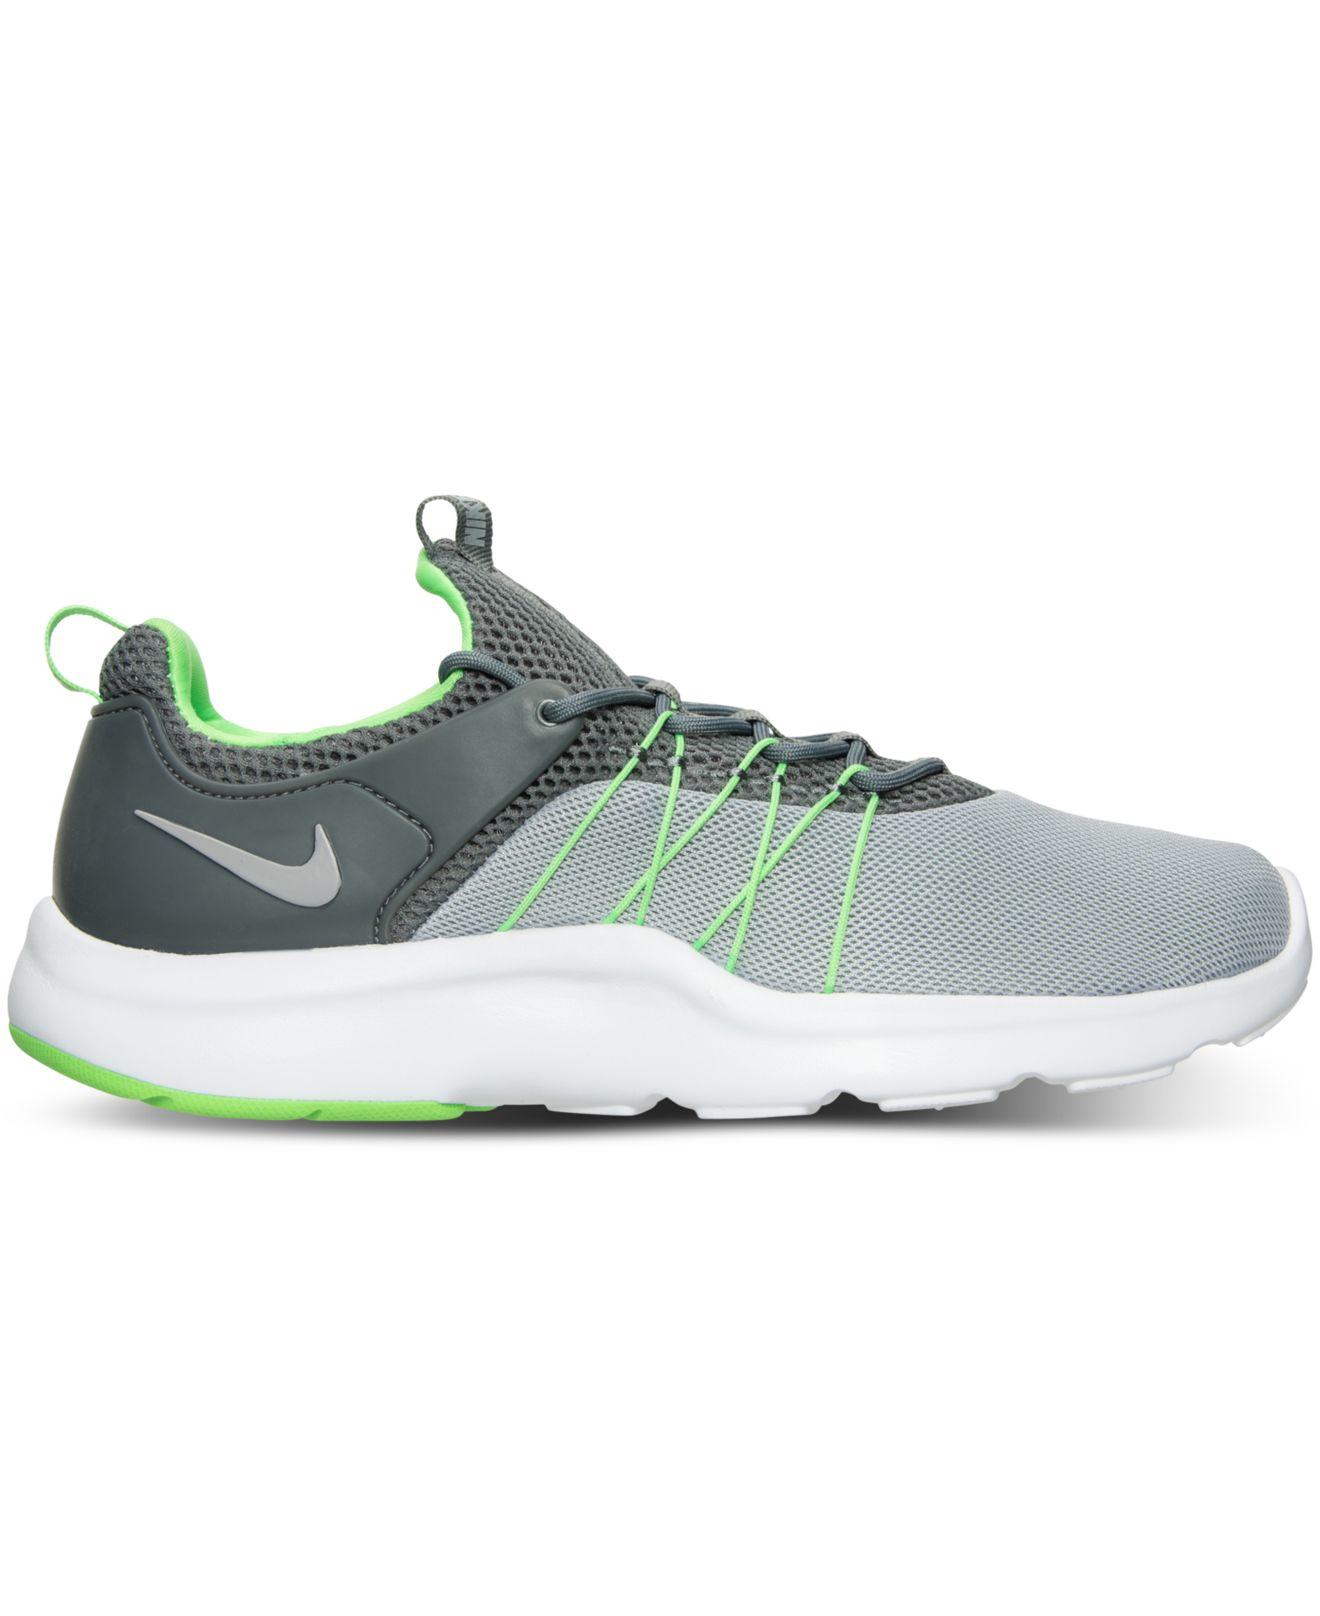 Adidas Evolution Shoes Men S Shoes